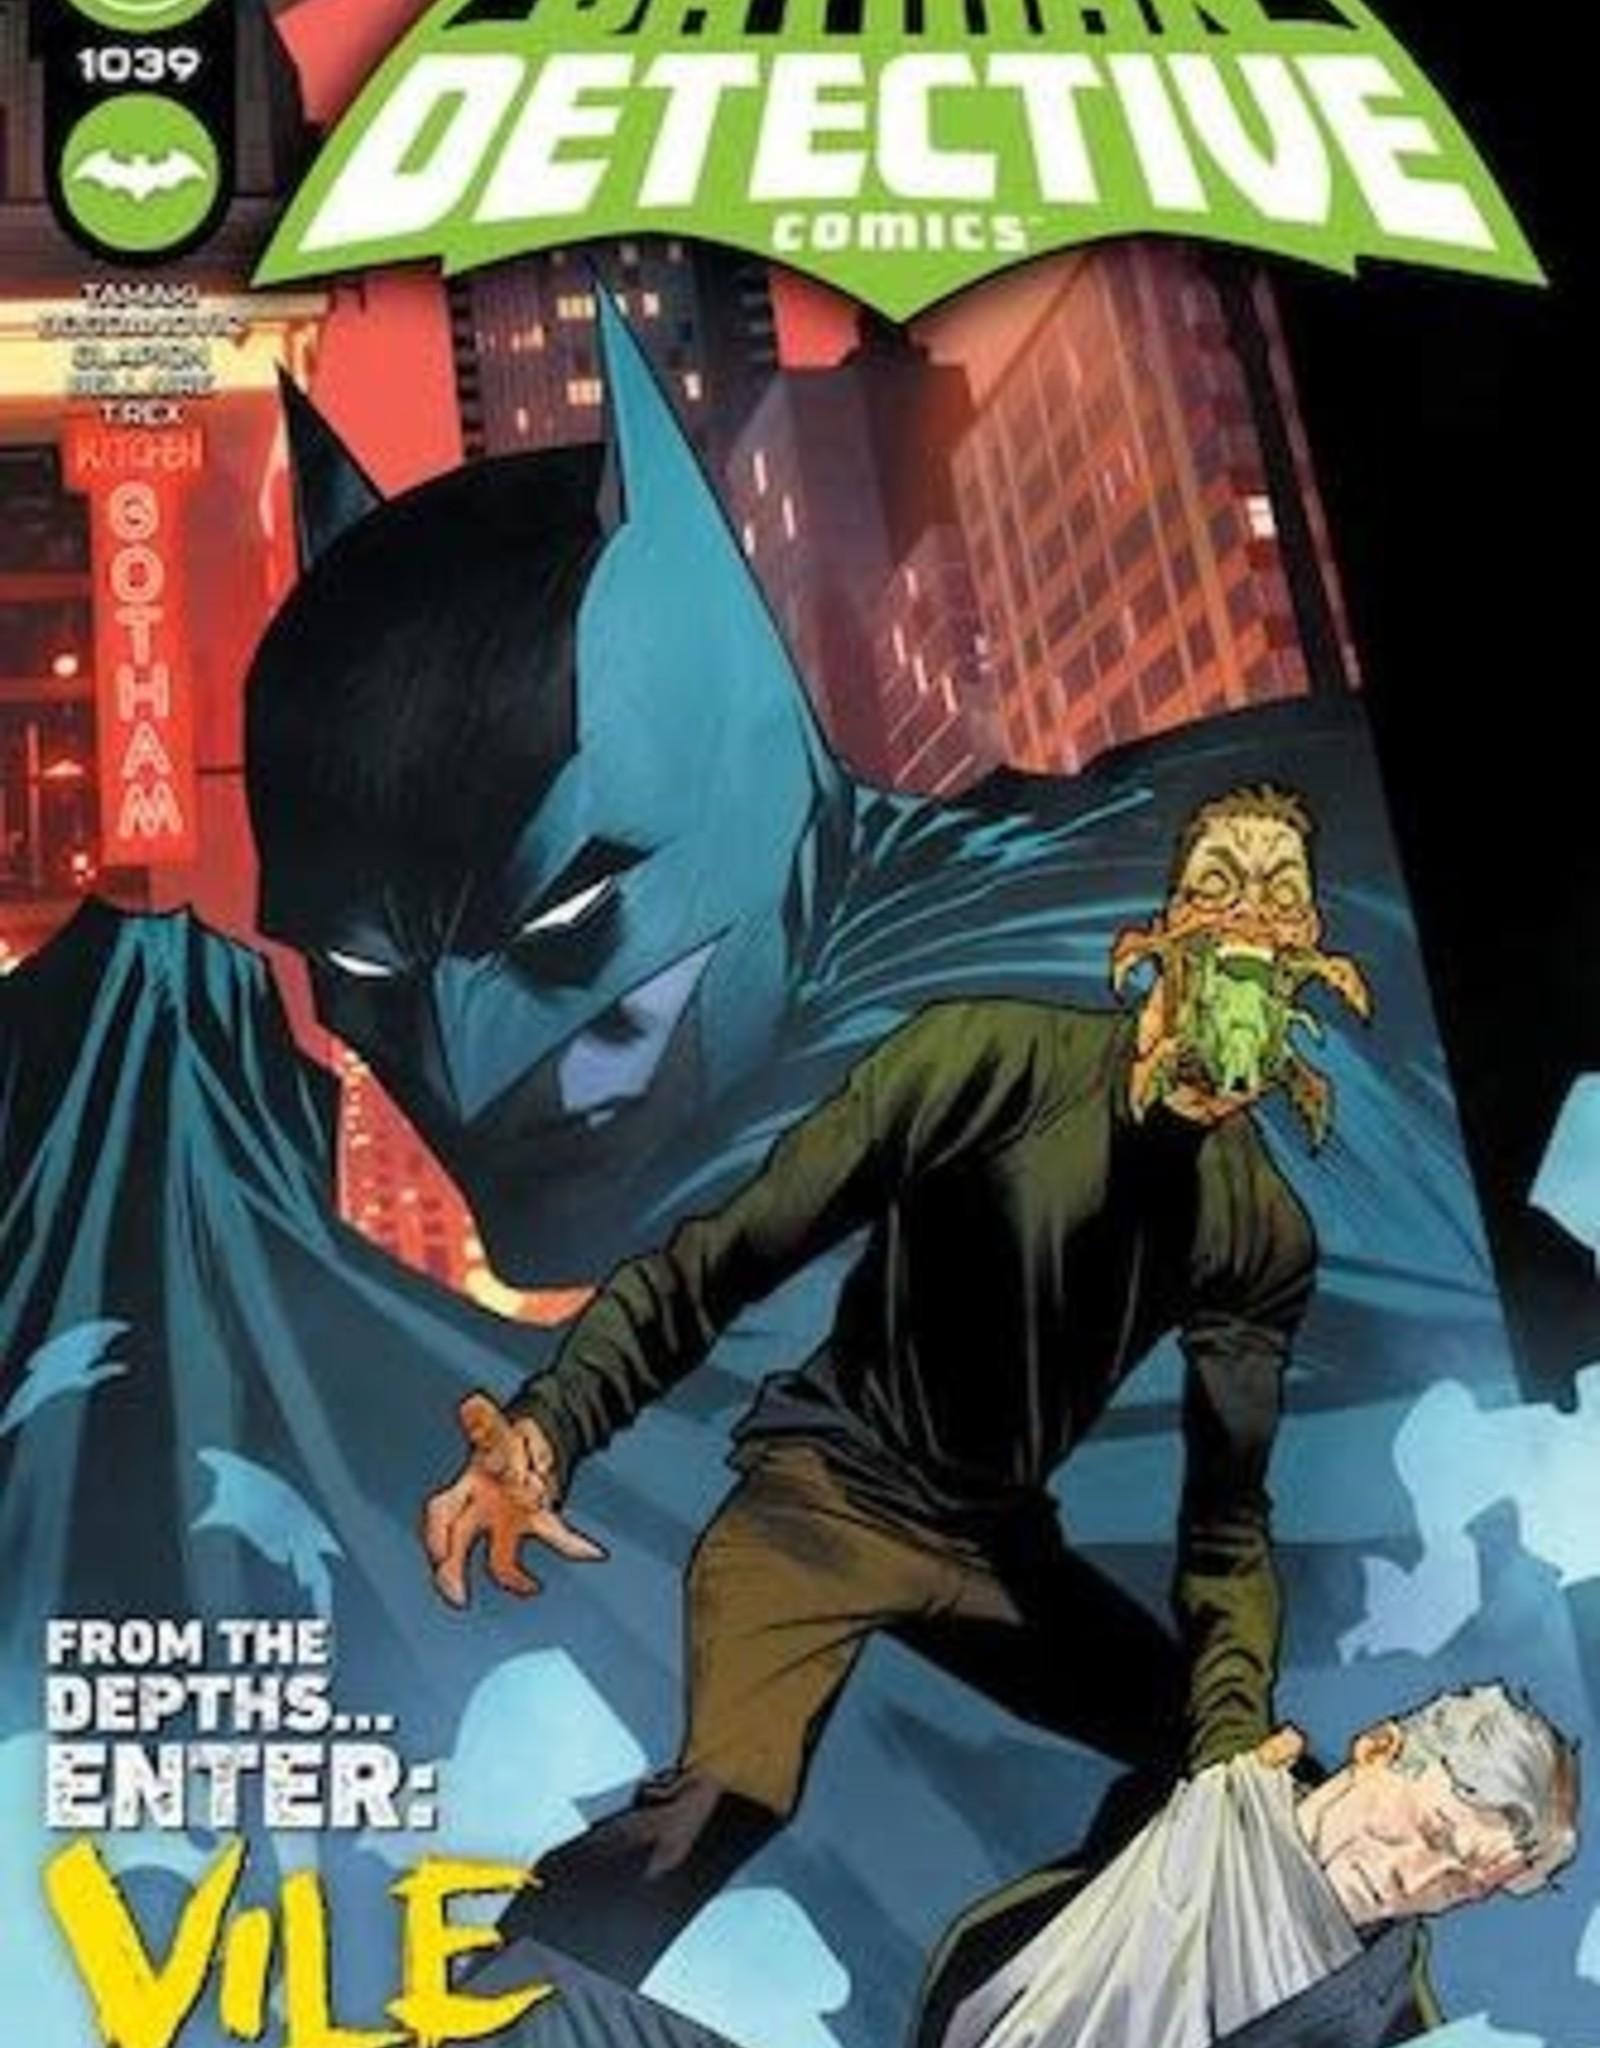 DC Comics Detective Comics #1039 Cvr A Dan Mora